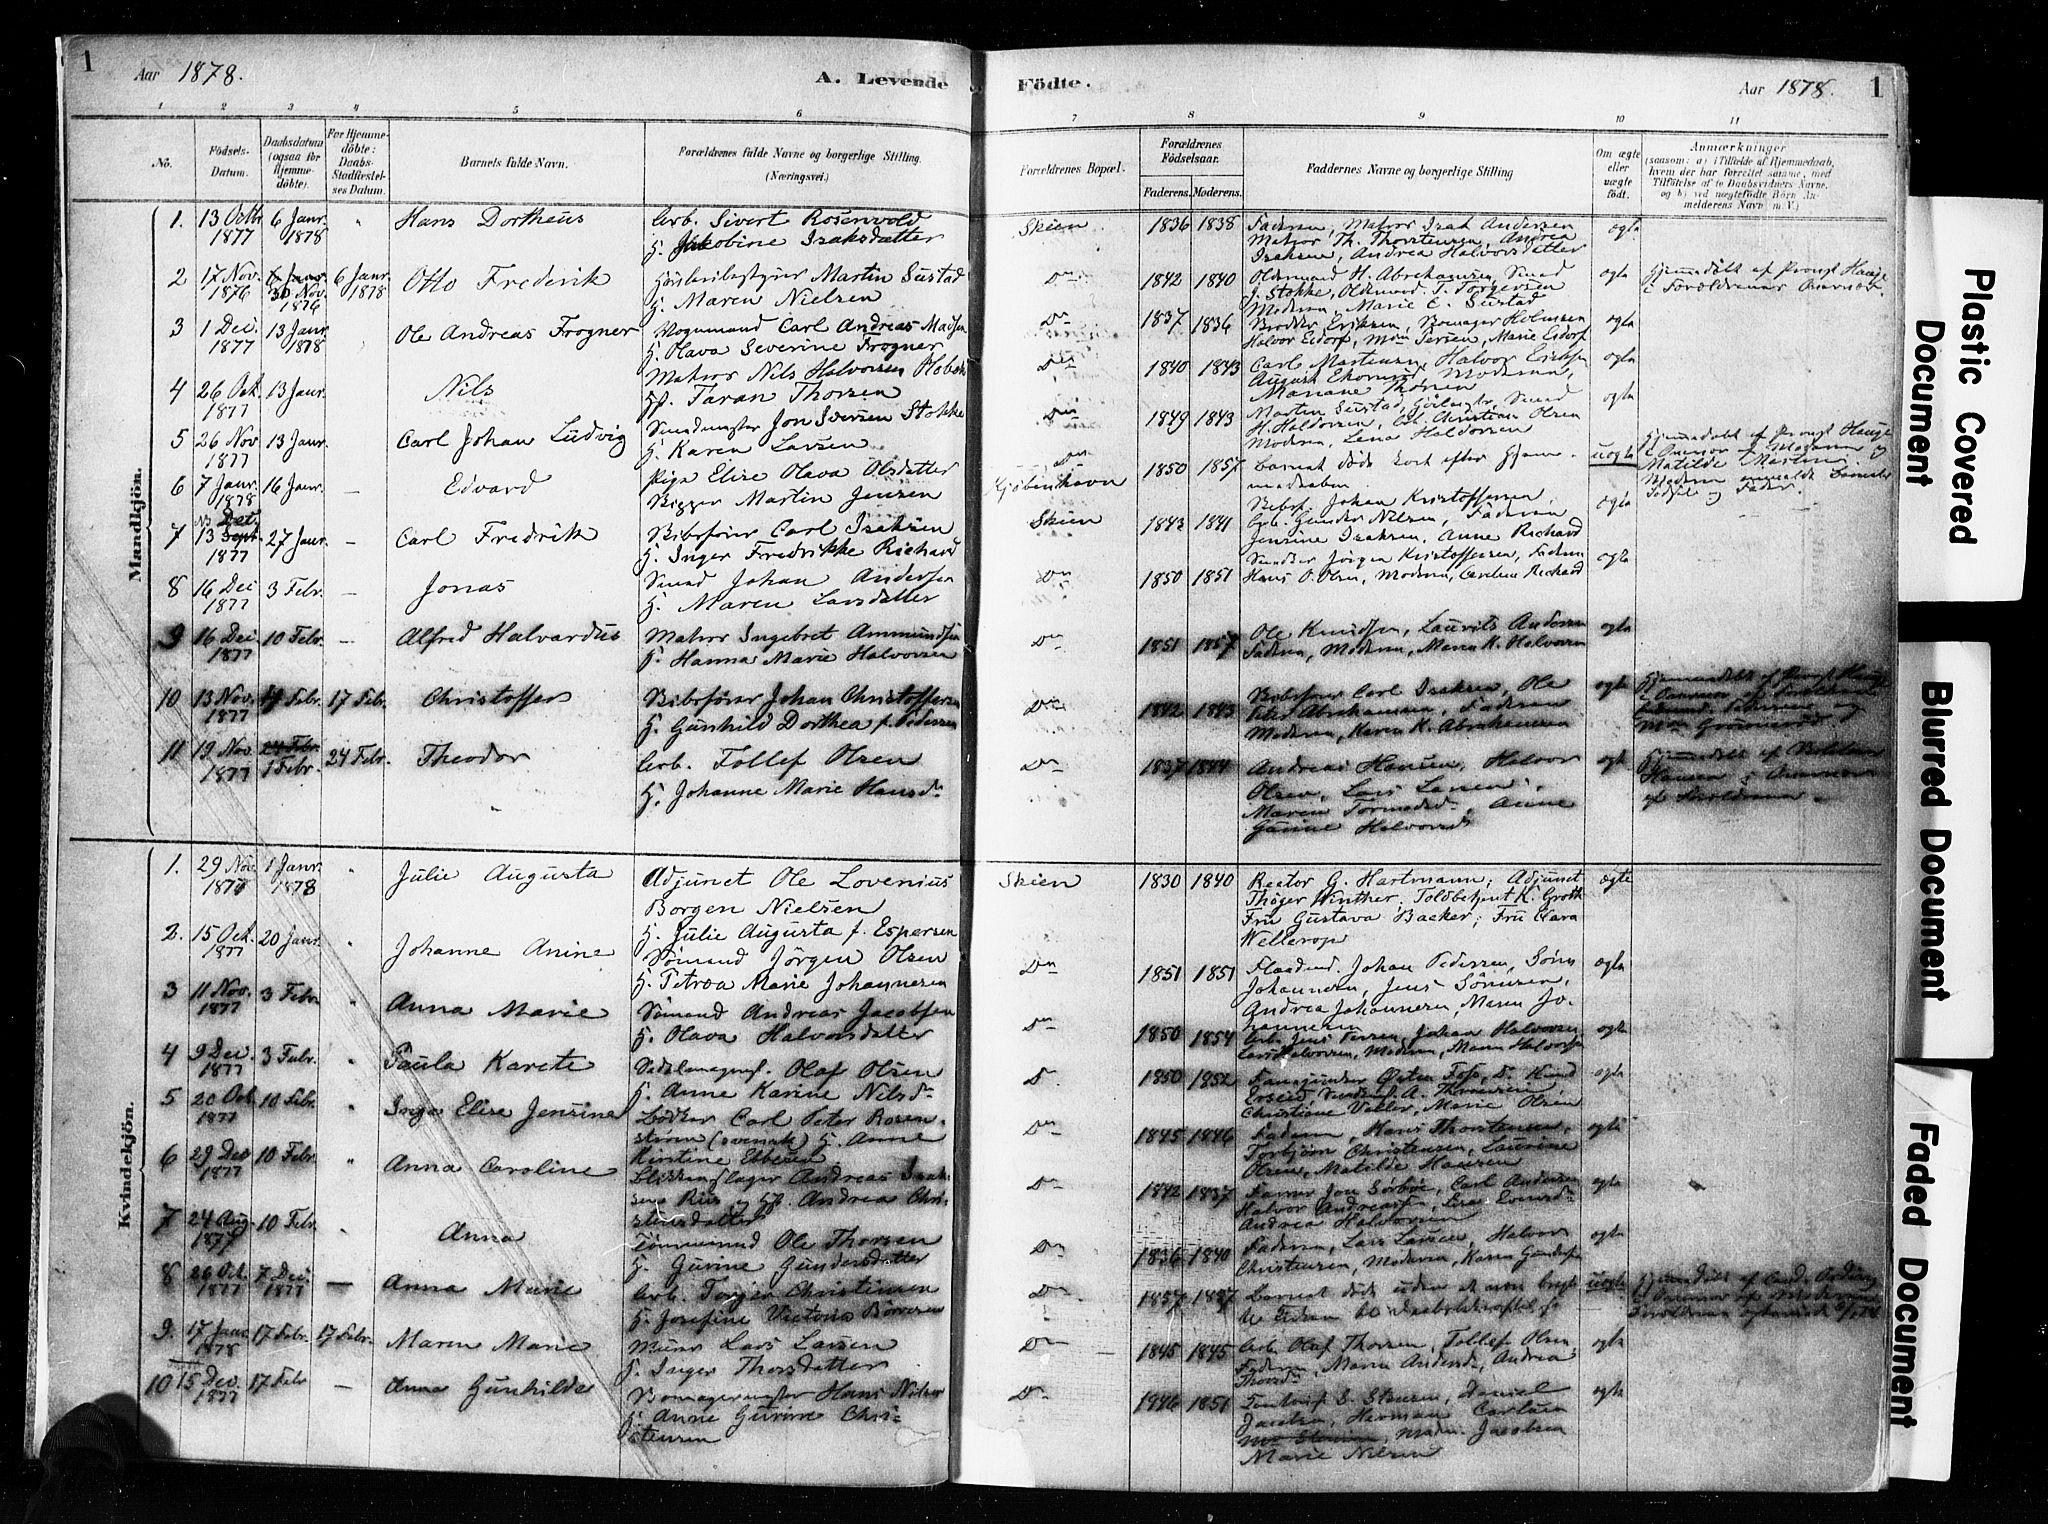 SAKO, Skien kirkebøker, F/Fa/L0009: Ministerialbok nr. 9, 1878-1890, s. 1